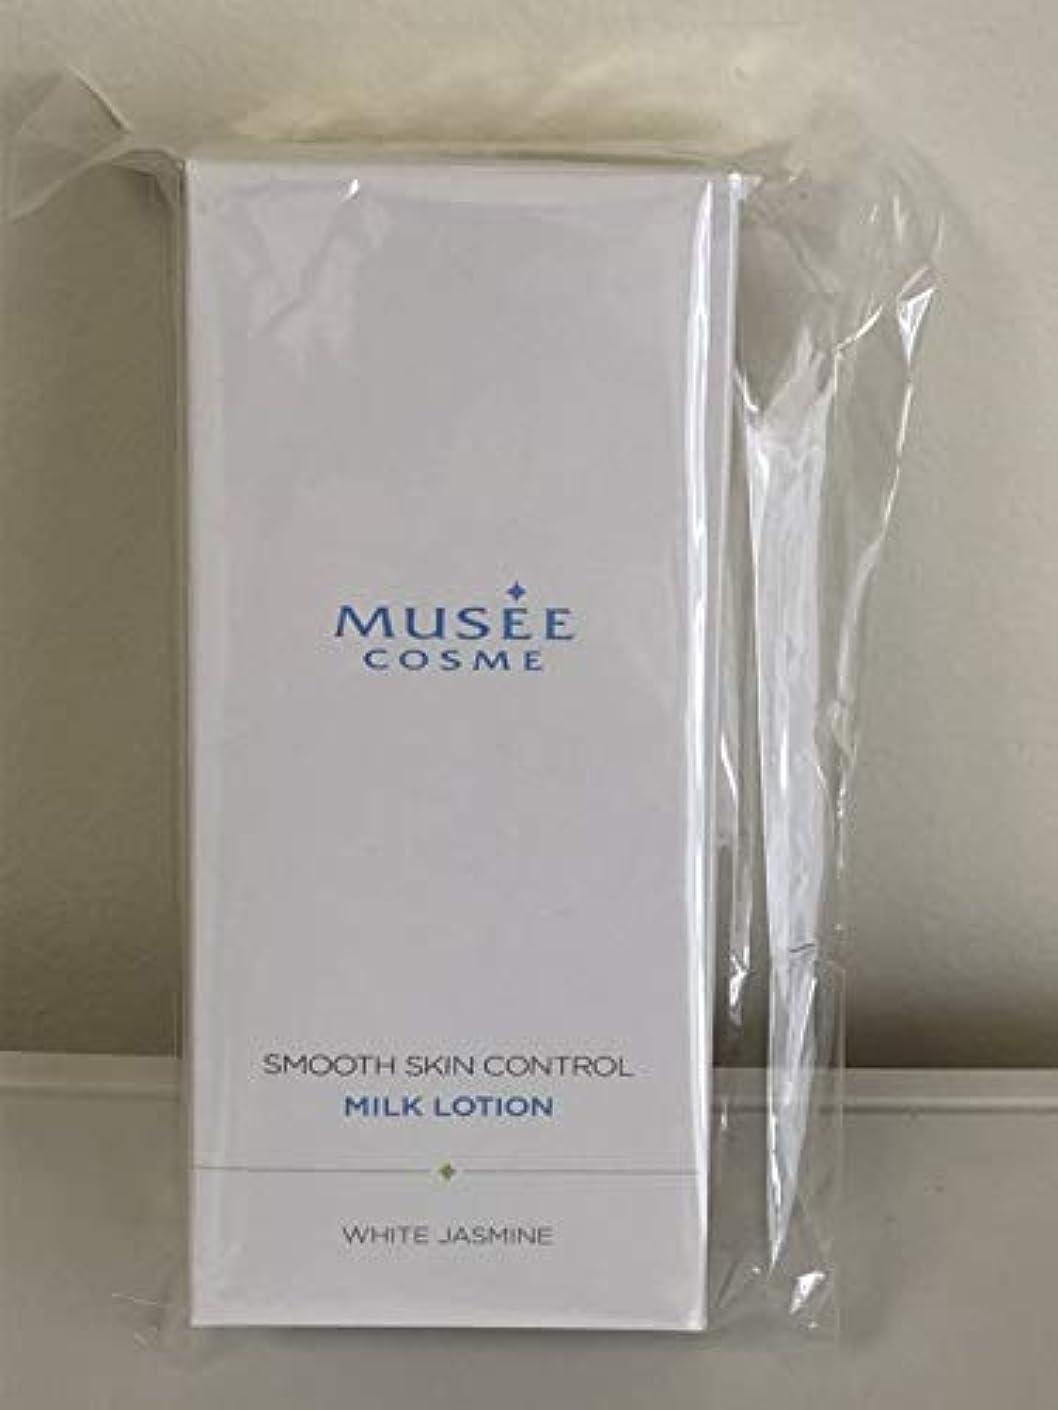 製作遅いワイプミュゼコスメ 薬用スムーススキンコントロール ミルクローション 300mL ホワイトジャスミンの香り